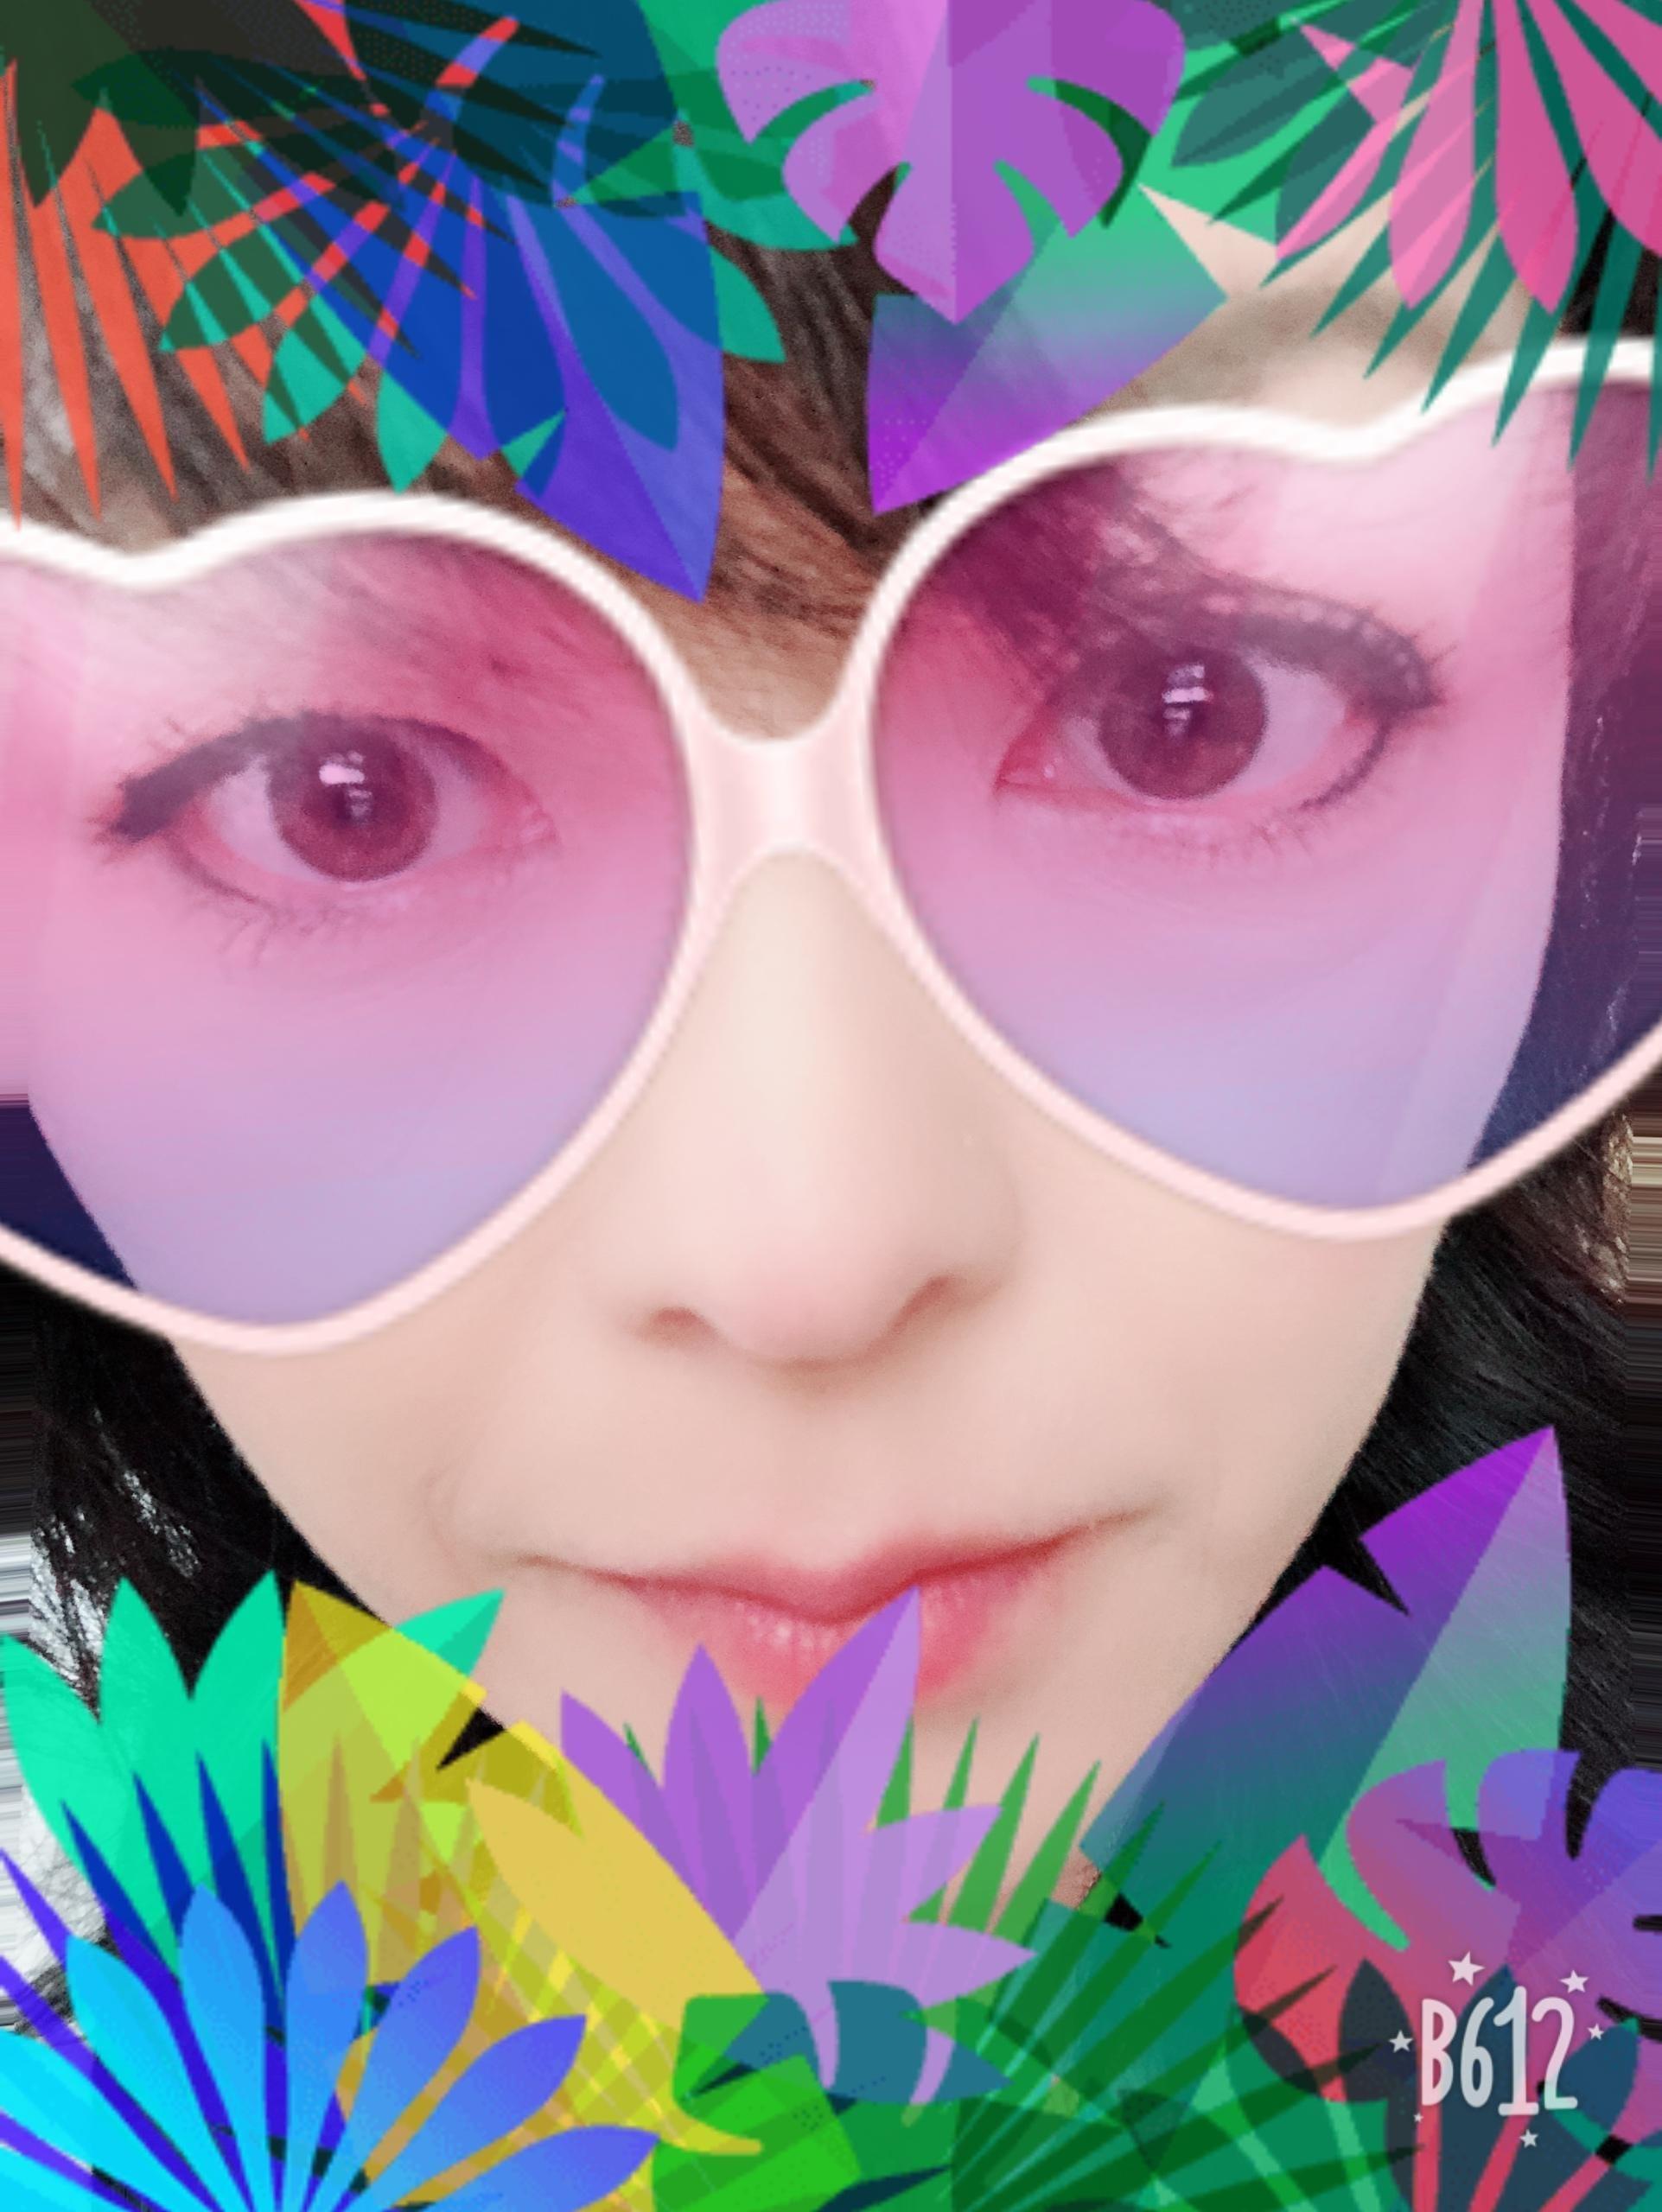 「月曜日」12/03(月) 12:03   桃子(ももこ)の写メ・風俗動画